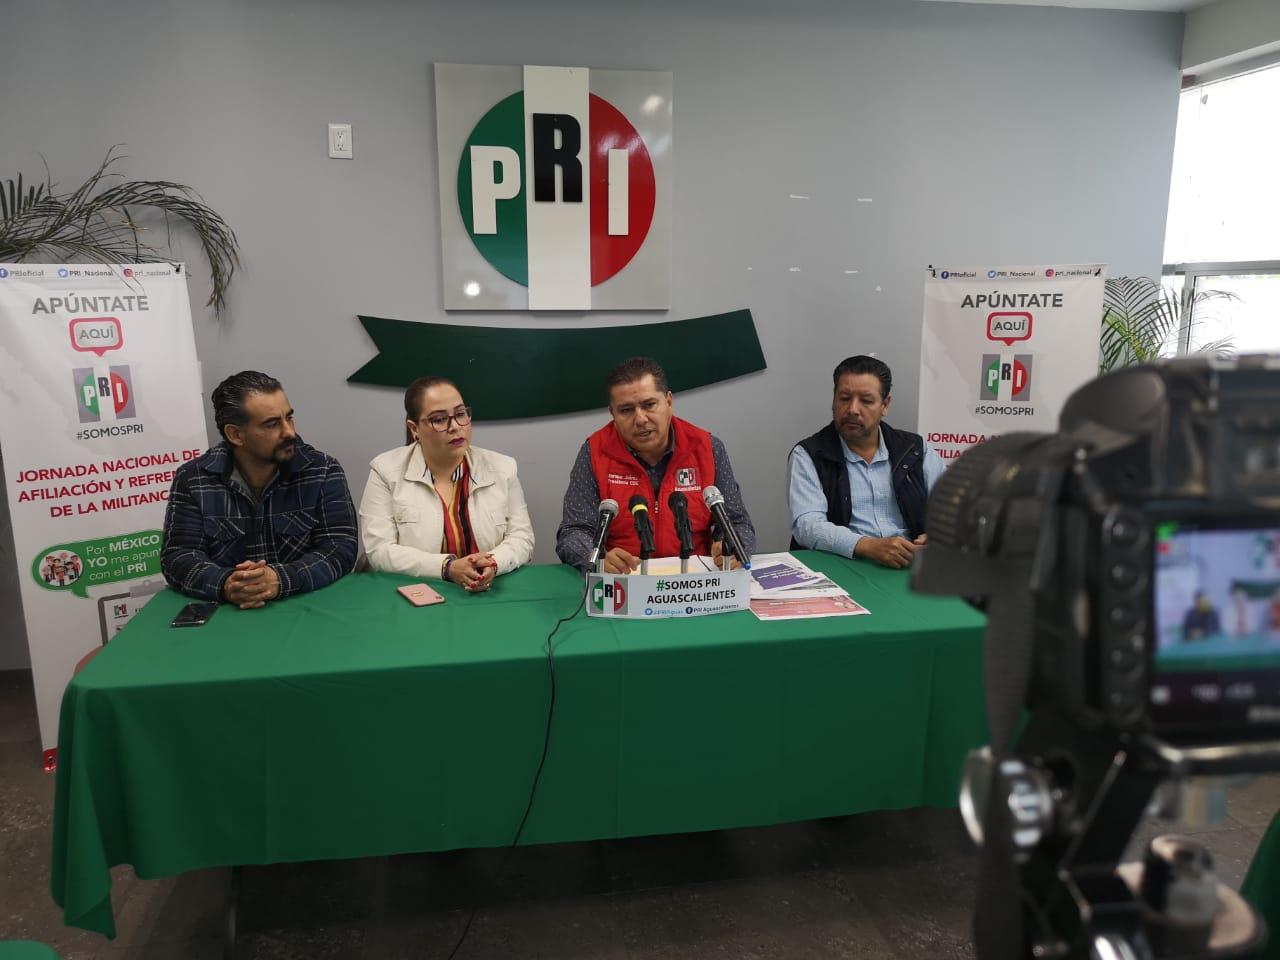 RETROCESO EN MÉXICO CON EL INSABI Y SE VOLVERÁ ADEMÁS UNA HERRAMIENTA DE RECAUDACIÓN DEL GOBIERNO FEDERAL: PRI